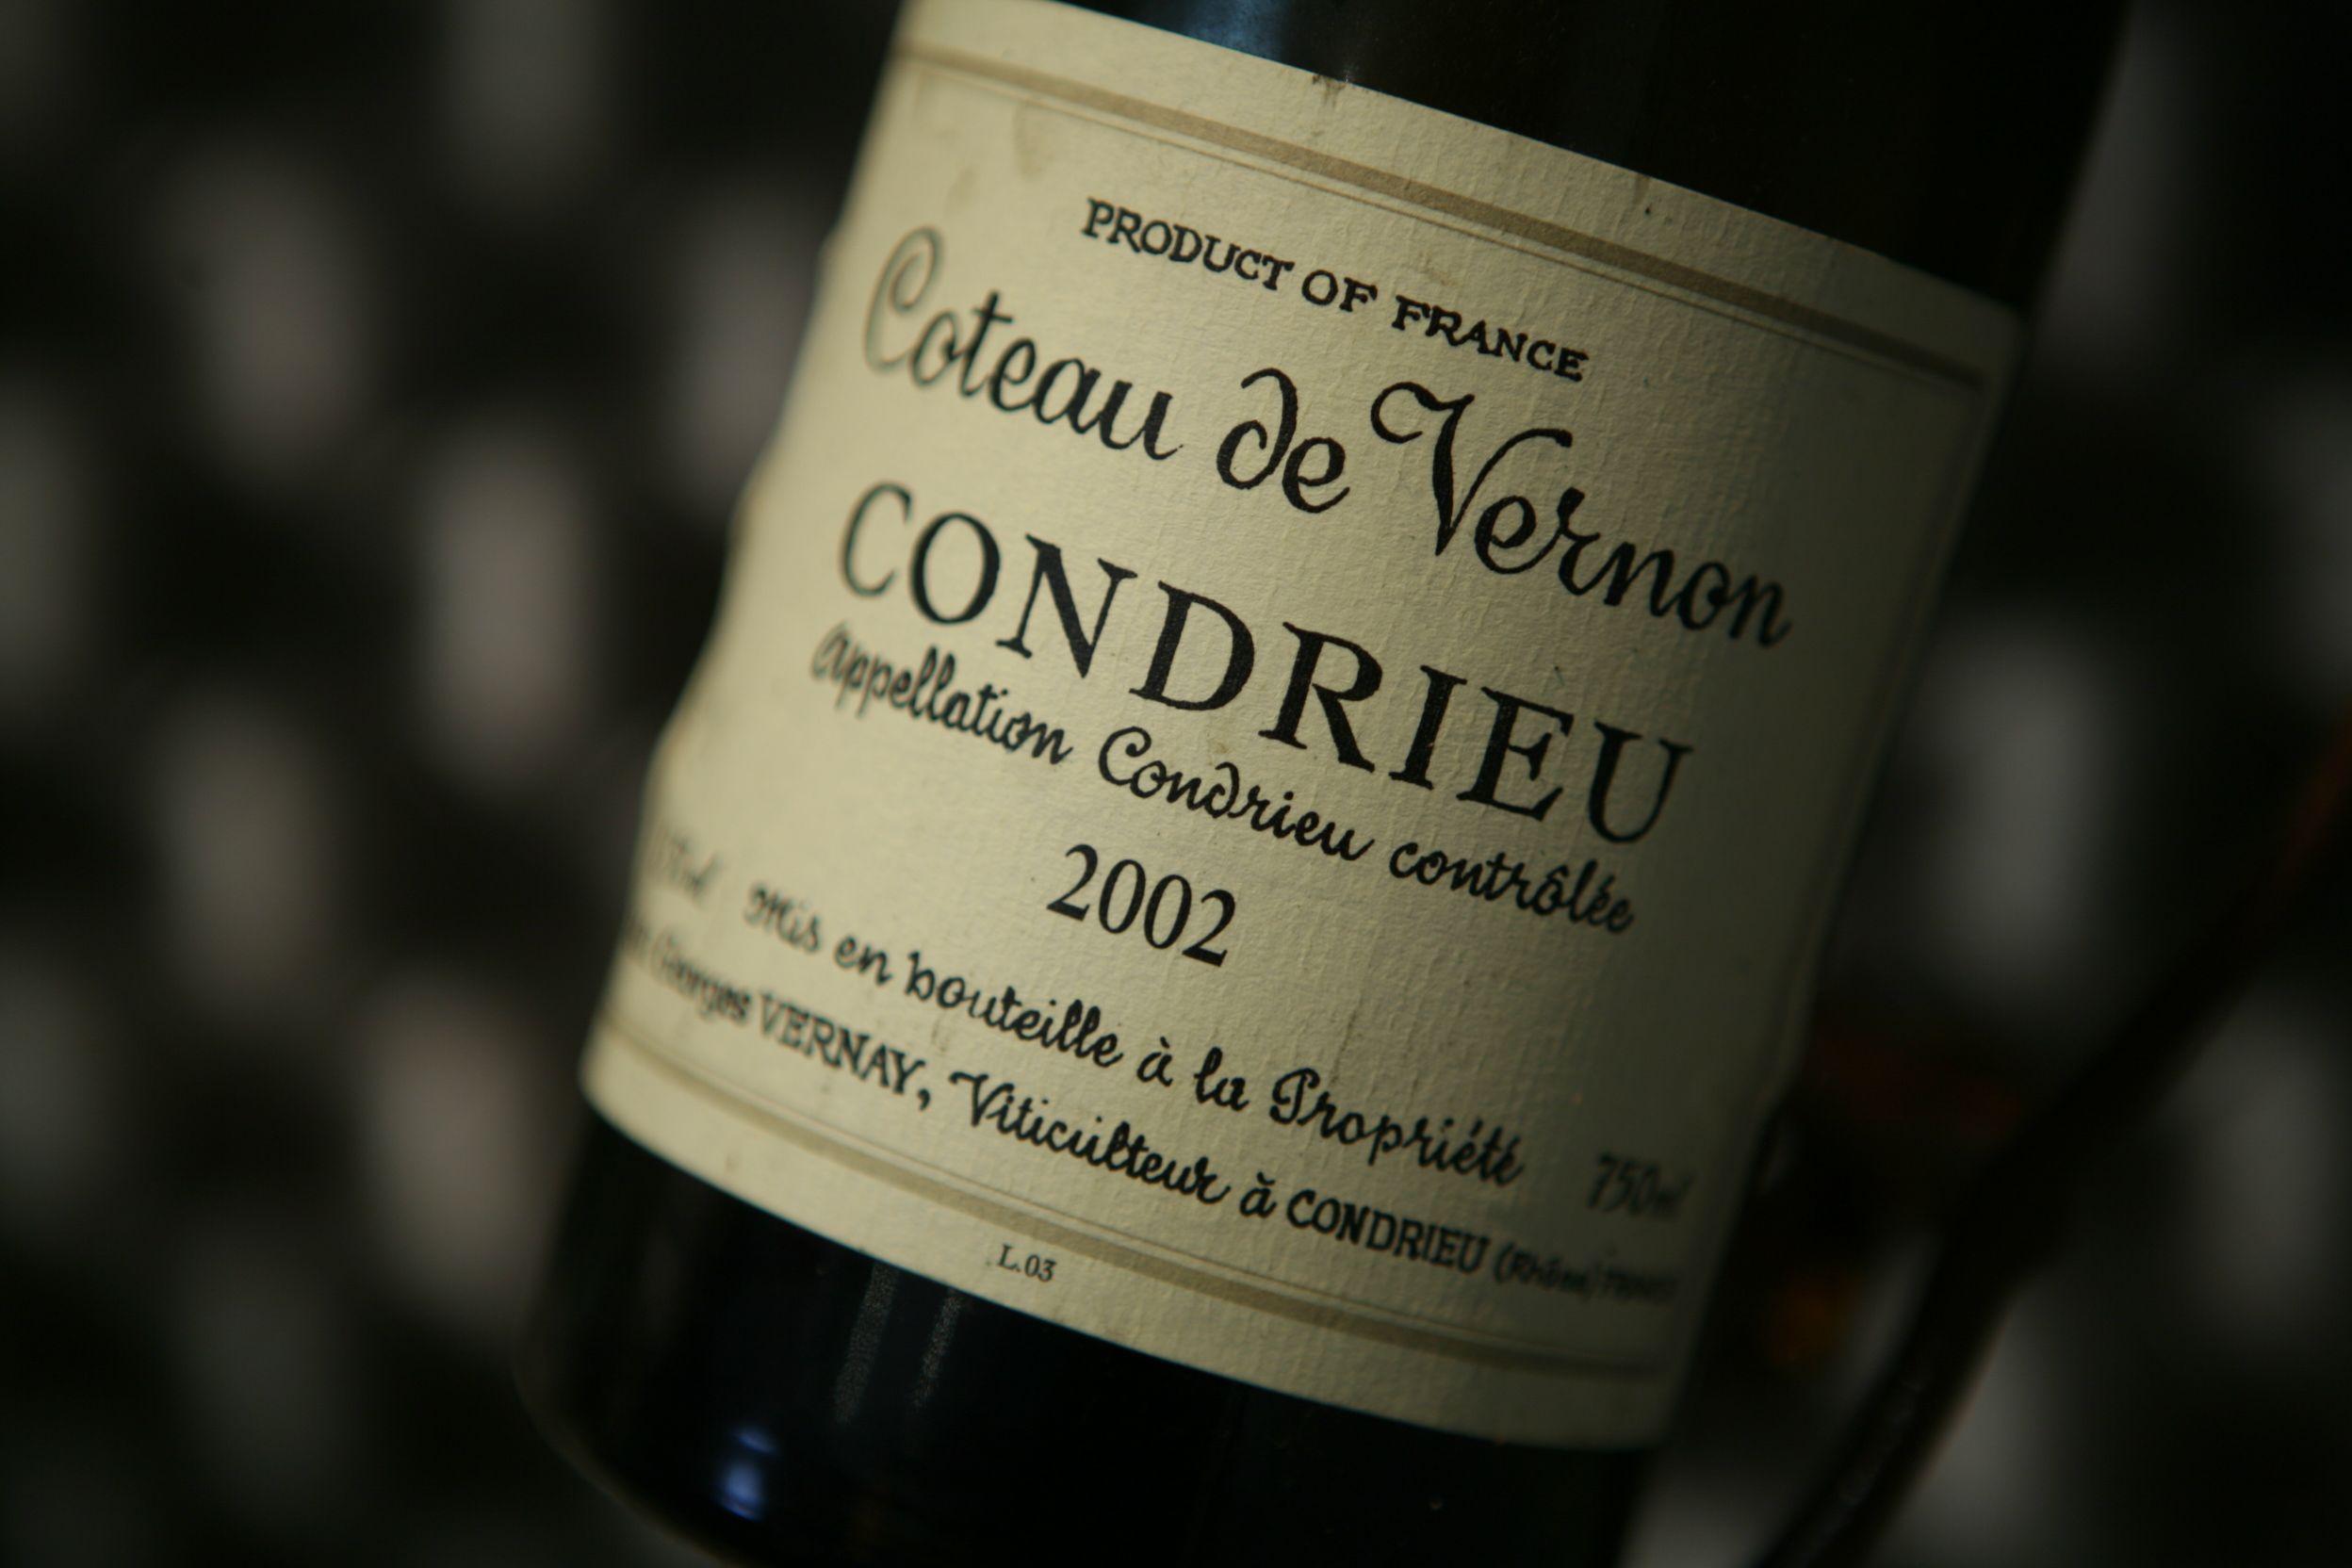 Condrieu coteau de vernon 2002 domaine georges vernay for Vin blanc sec cuisine